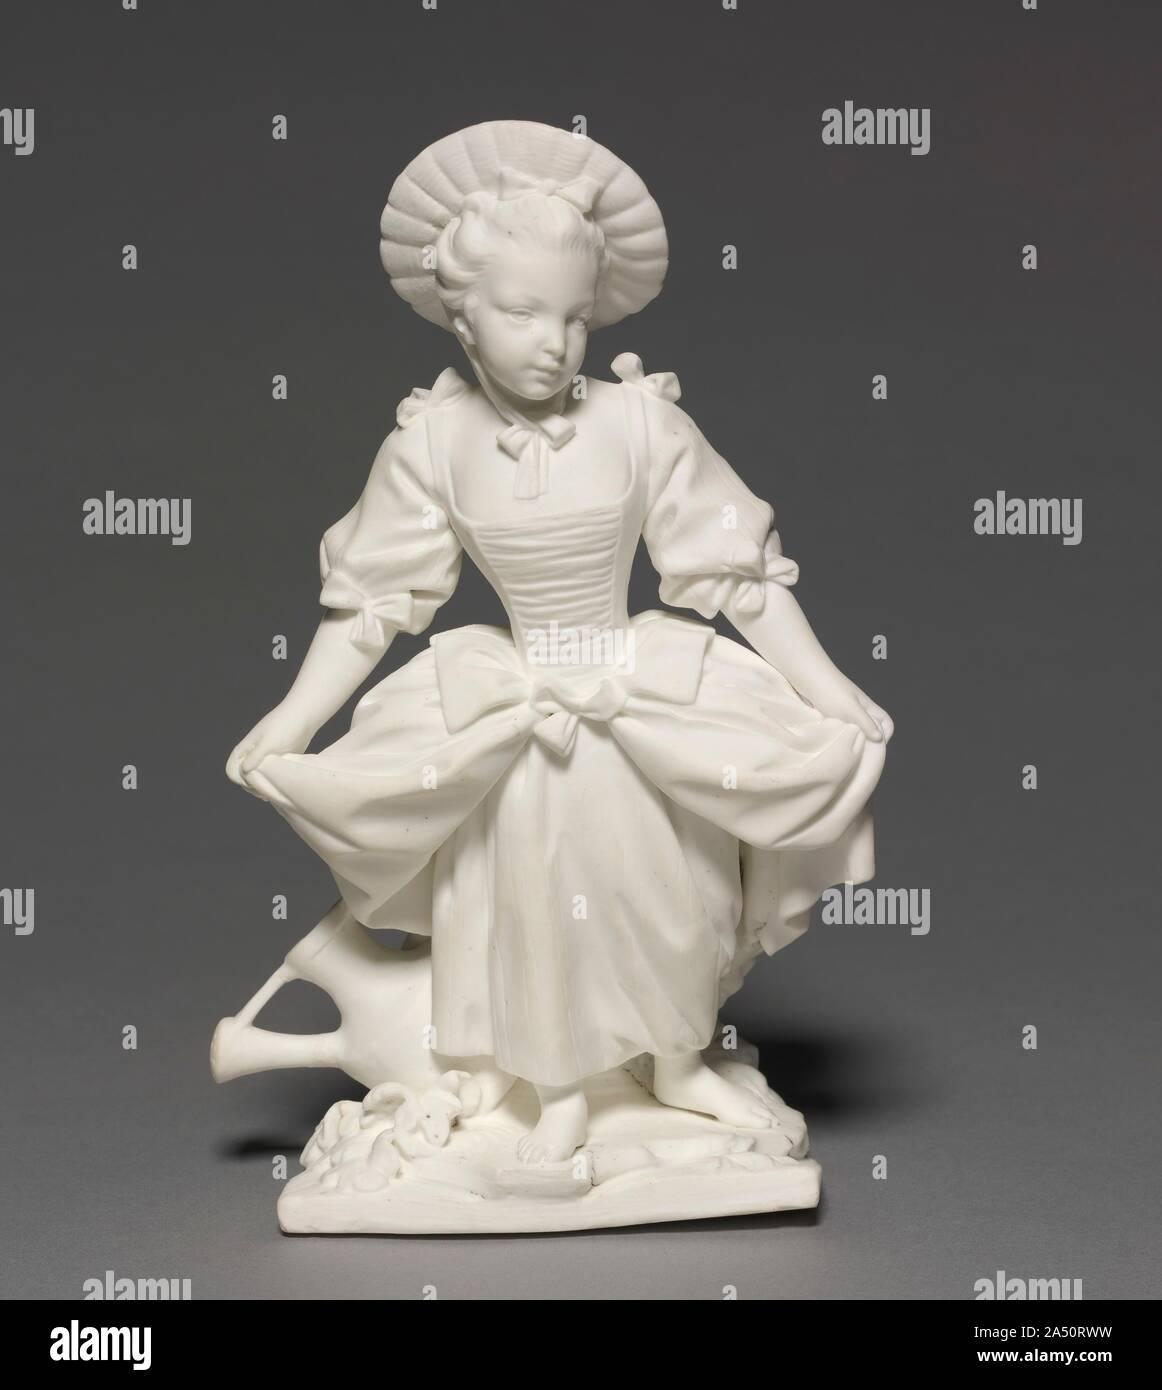 La figura de la Bailarina (La Danseuse), 1748-1752. Aunque unos pocos Vincennes figuras de porcelana esmaltada que existen, la Real Fábrica aprobada en fecha temprana la práctica de producir desprovistos de sus lunas, galletas de figuras que, debido a la pureza de su material, se asemejan a figuras de mármol. La moda de la galleta cifras introducido primero en Vincennes se extendió rápidamente a través de Europa. Foto de stock